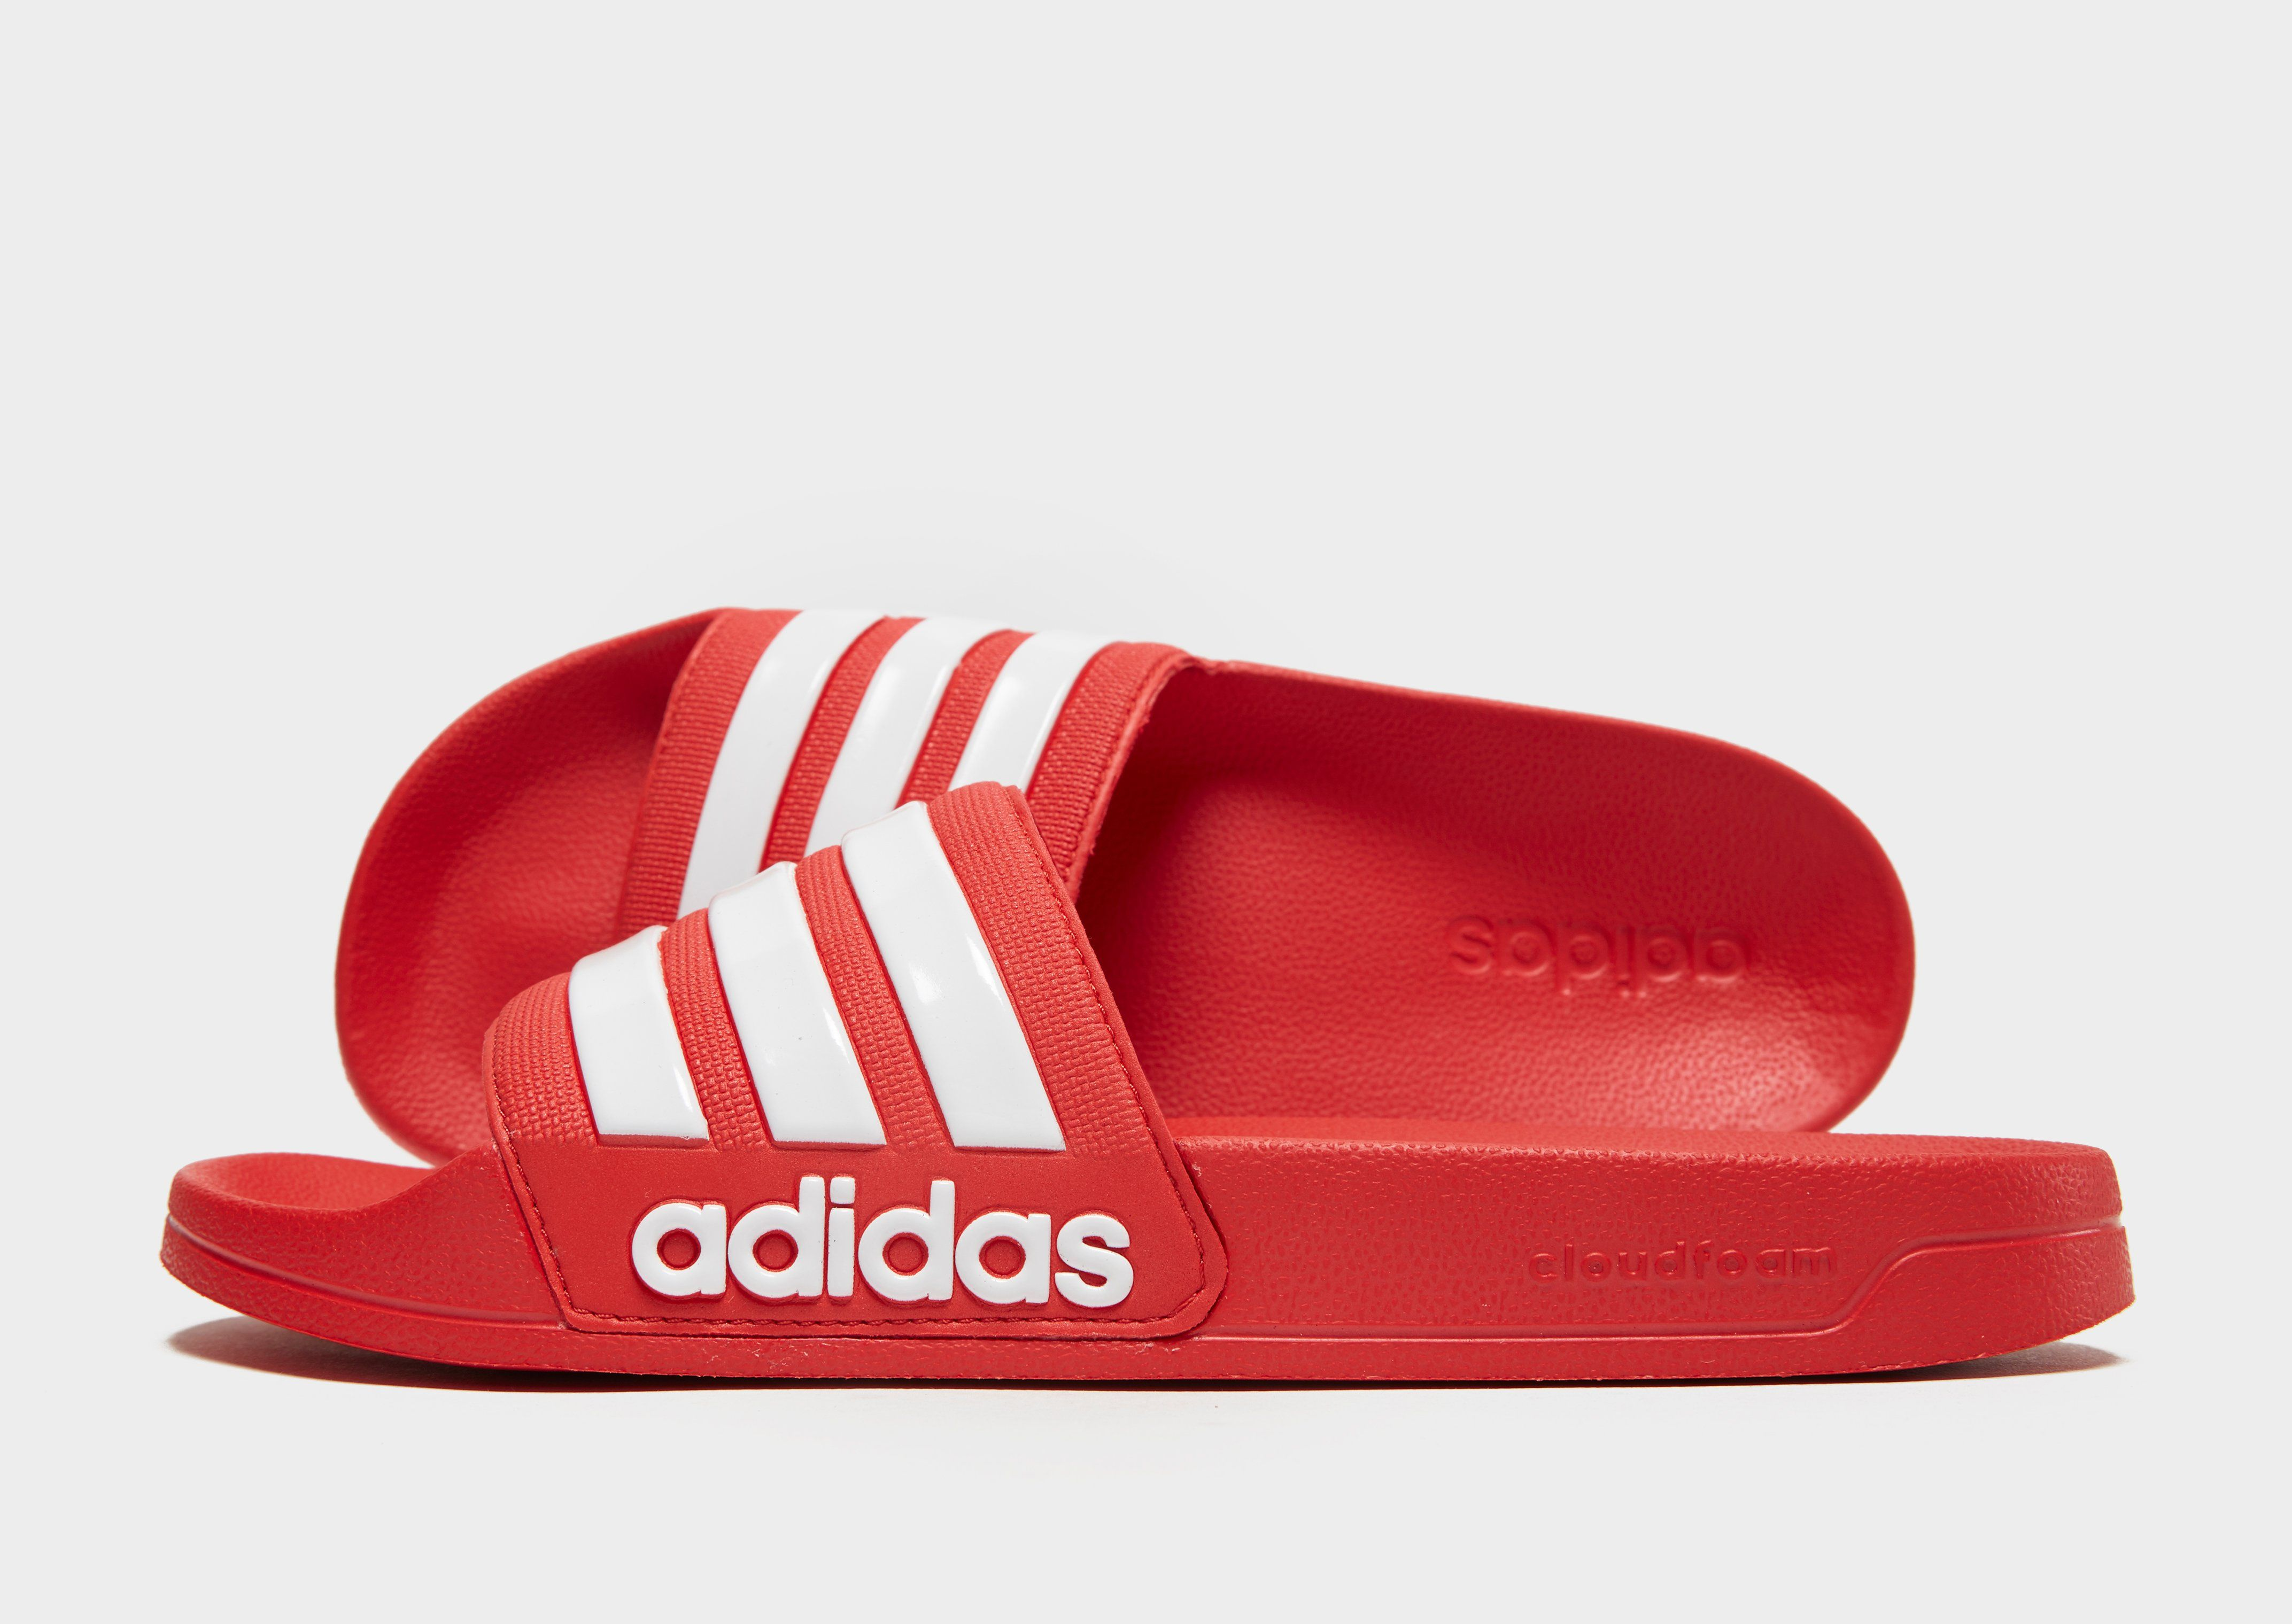 brand new 5d80d 88b77 adidas Adilette Shower Slides  JD Sports